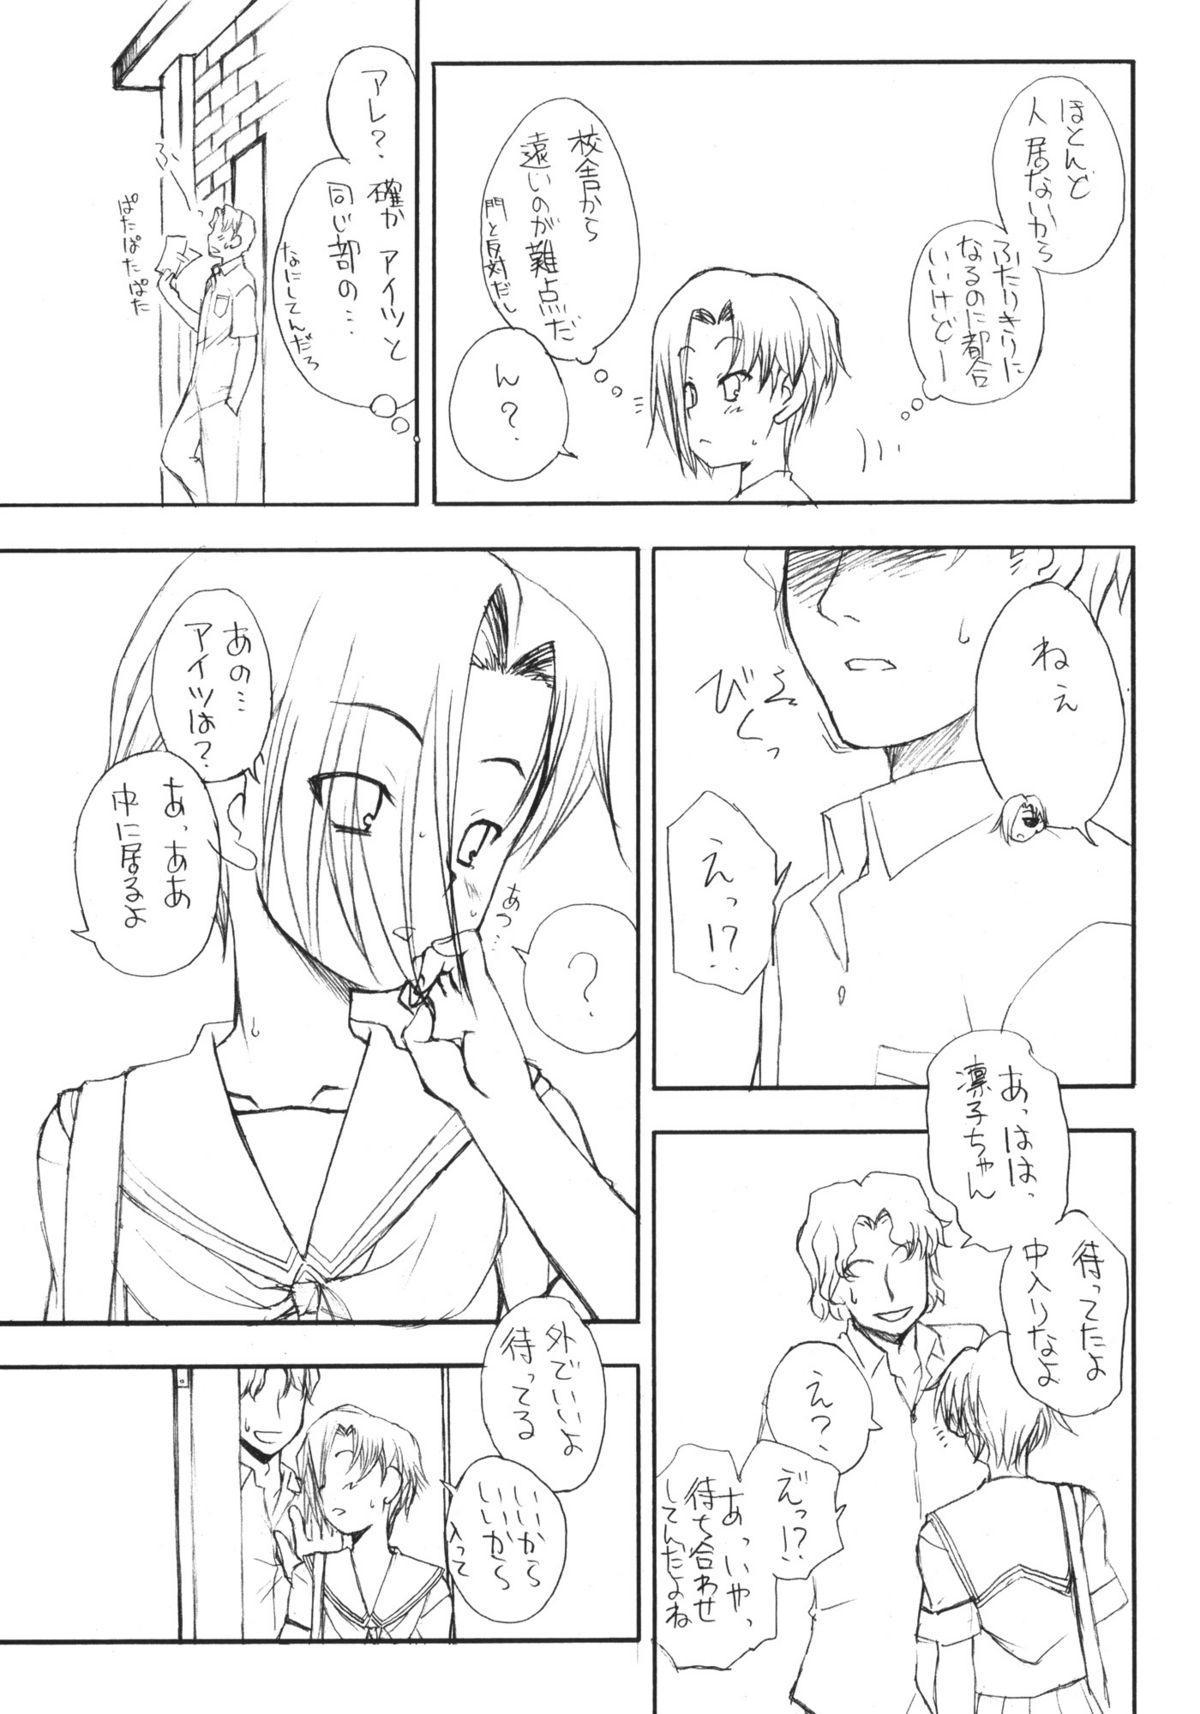 Rinko wa Nakadashi ga Ichiban Kanjirundesu. + Paper 5